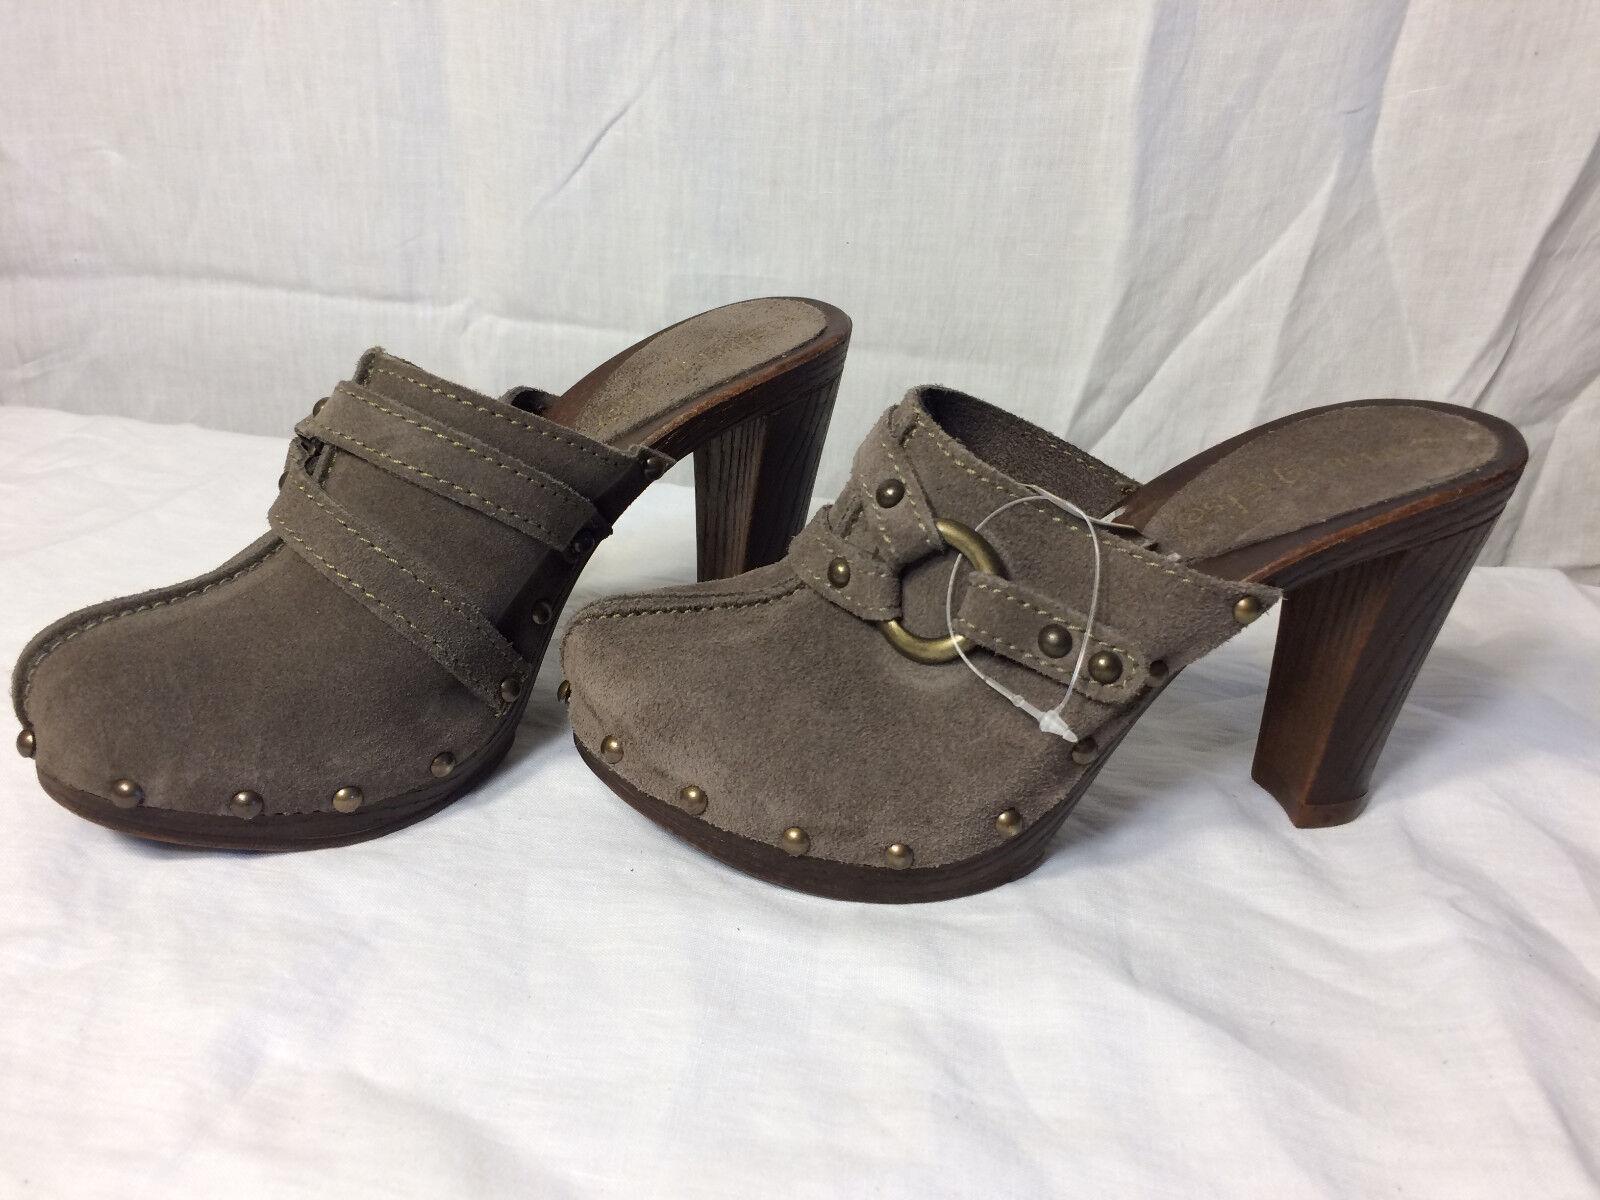 Nothing Else Mule Shoes Clog Wood Heel Platform Grey Suede US 7.5 Womens